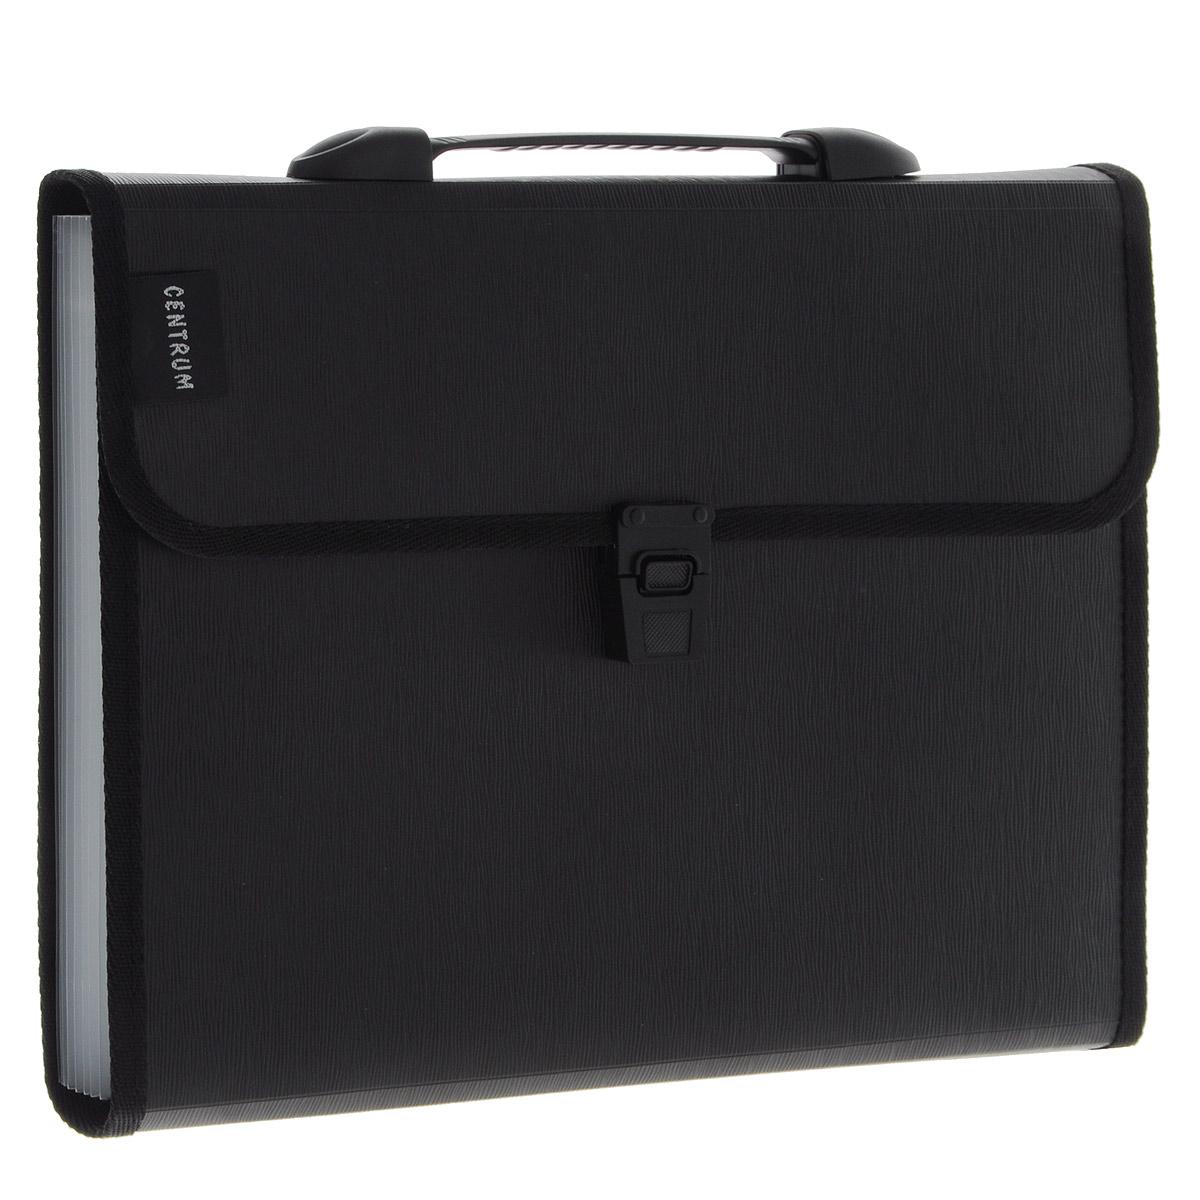 Centrum Папка-портфель с ручкой цвет черный 13 отделений 82261 черный